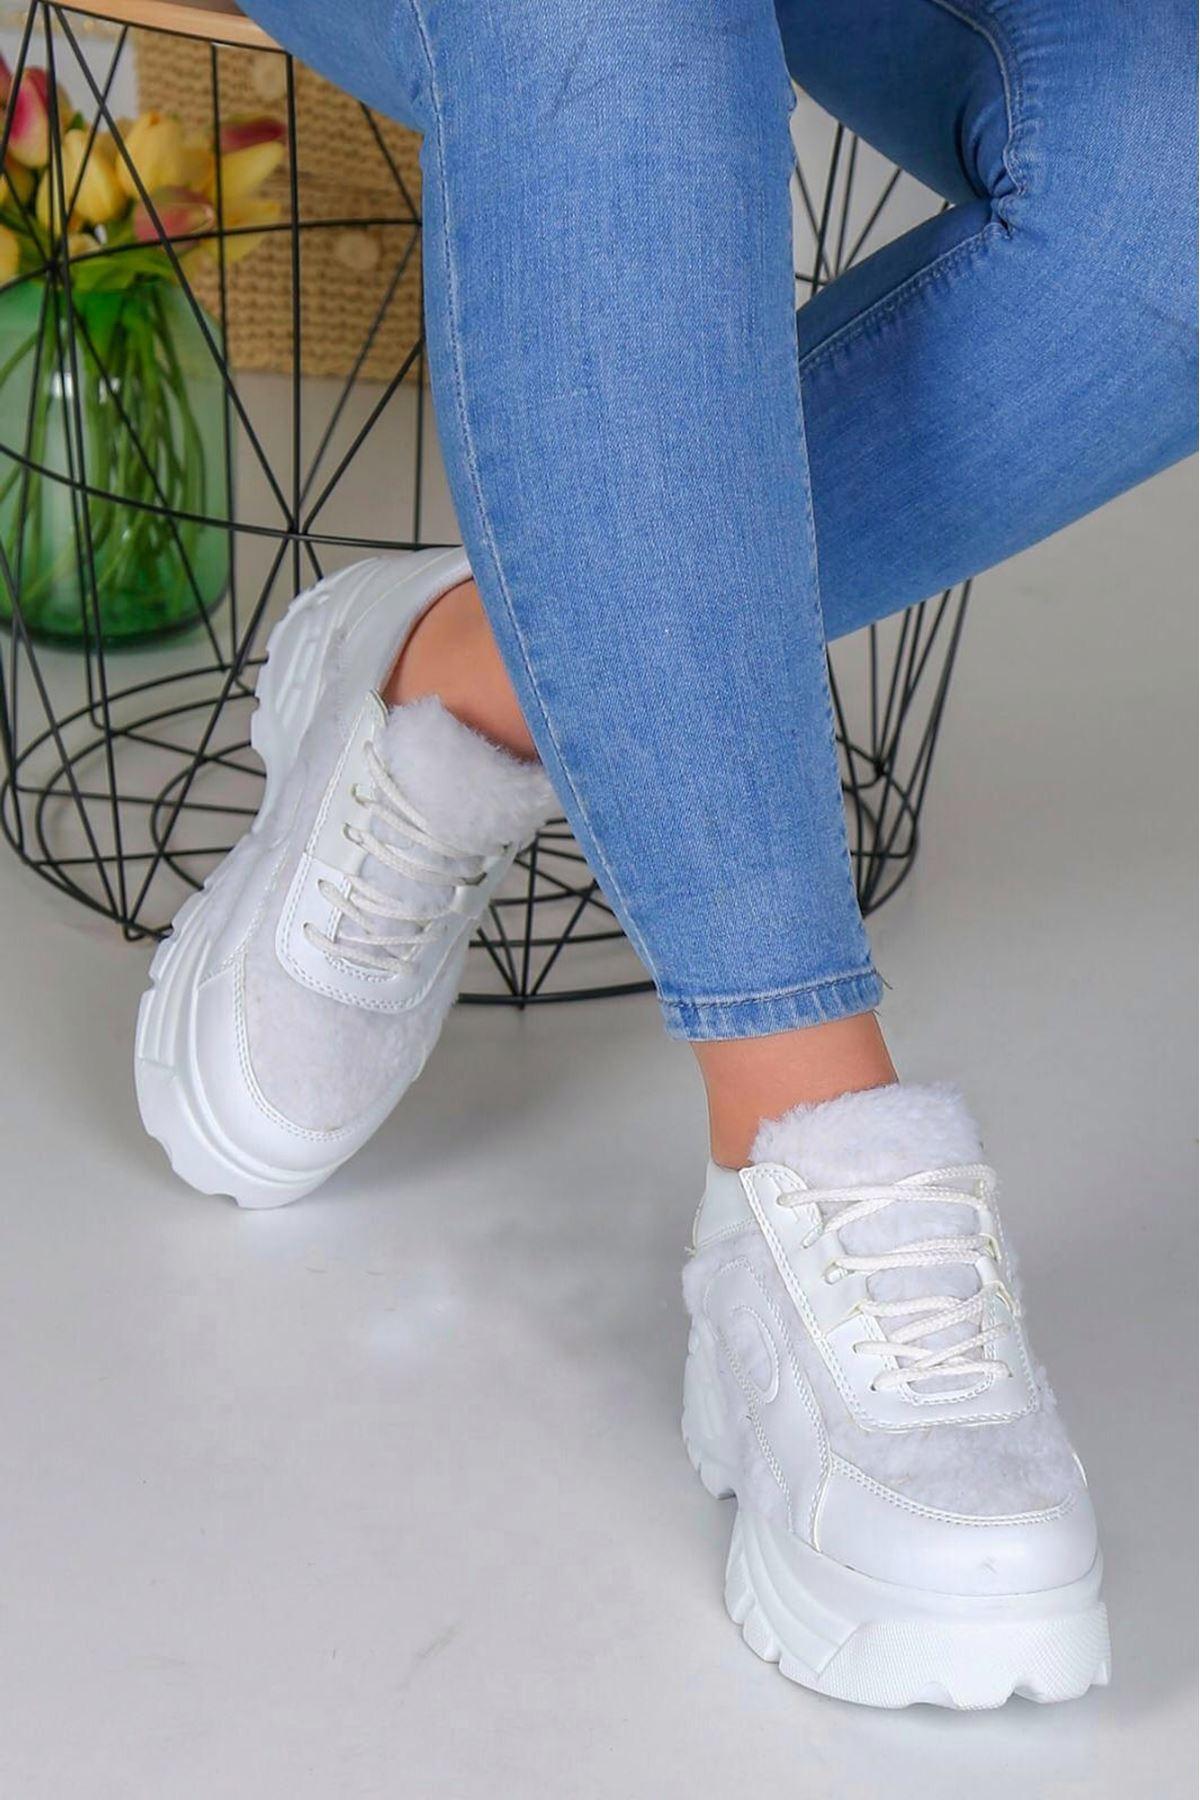 Agnes Mat Deri Peluş Detay Kalın Taban Spor Ayakkabı Beyaz